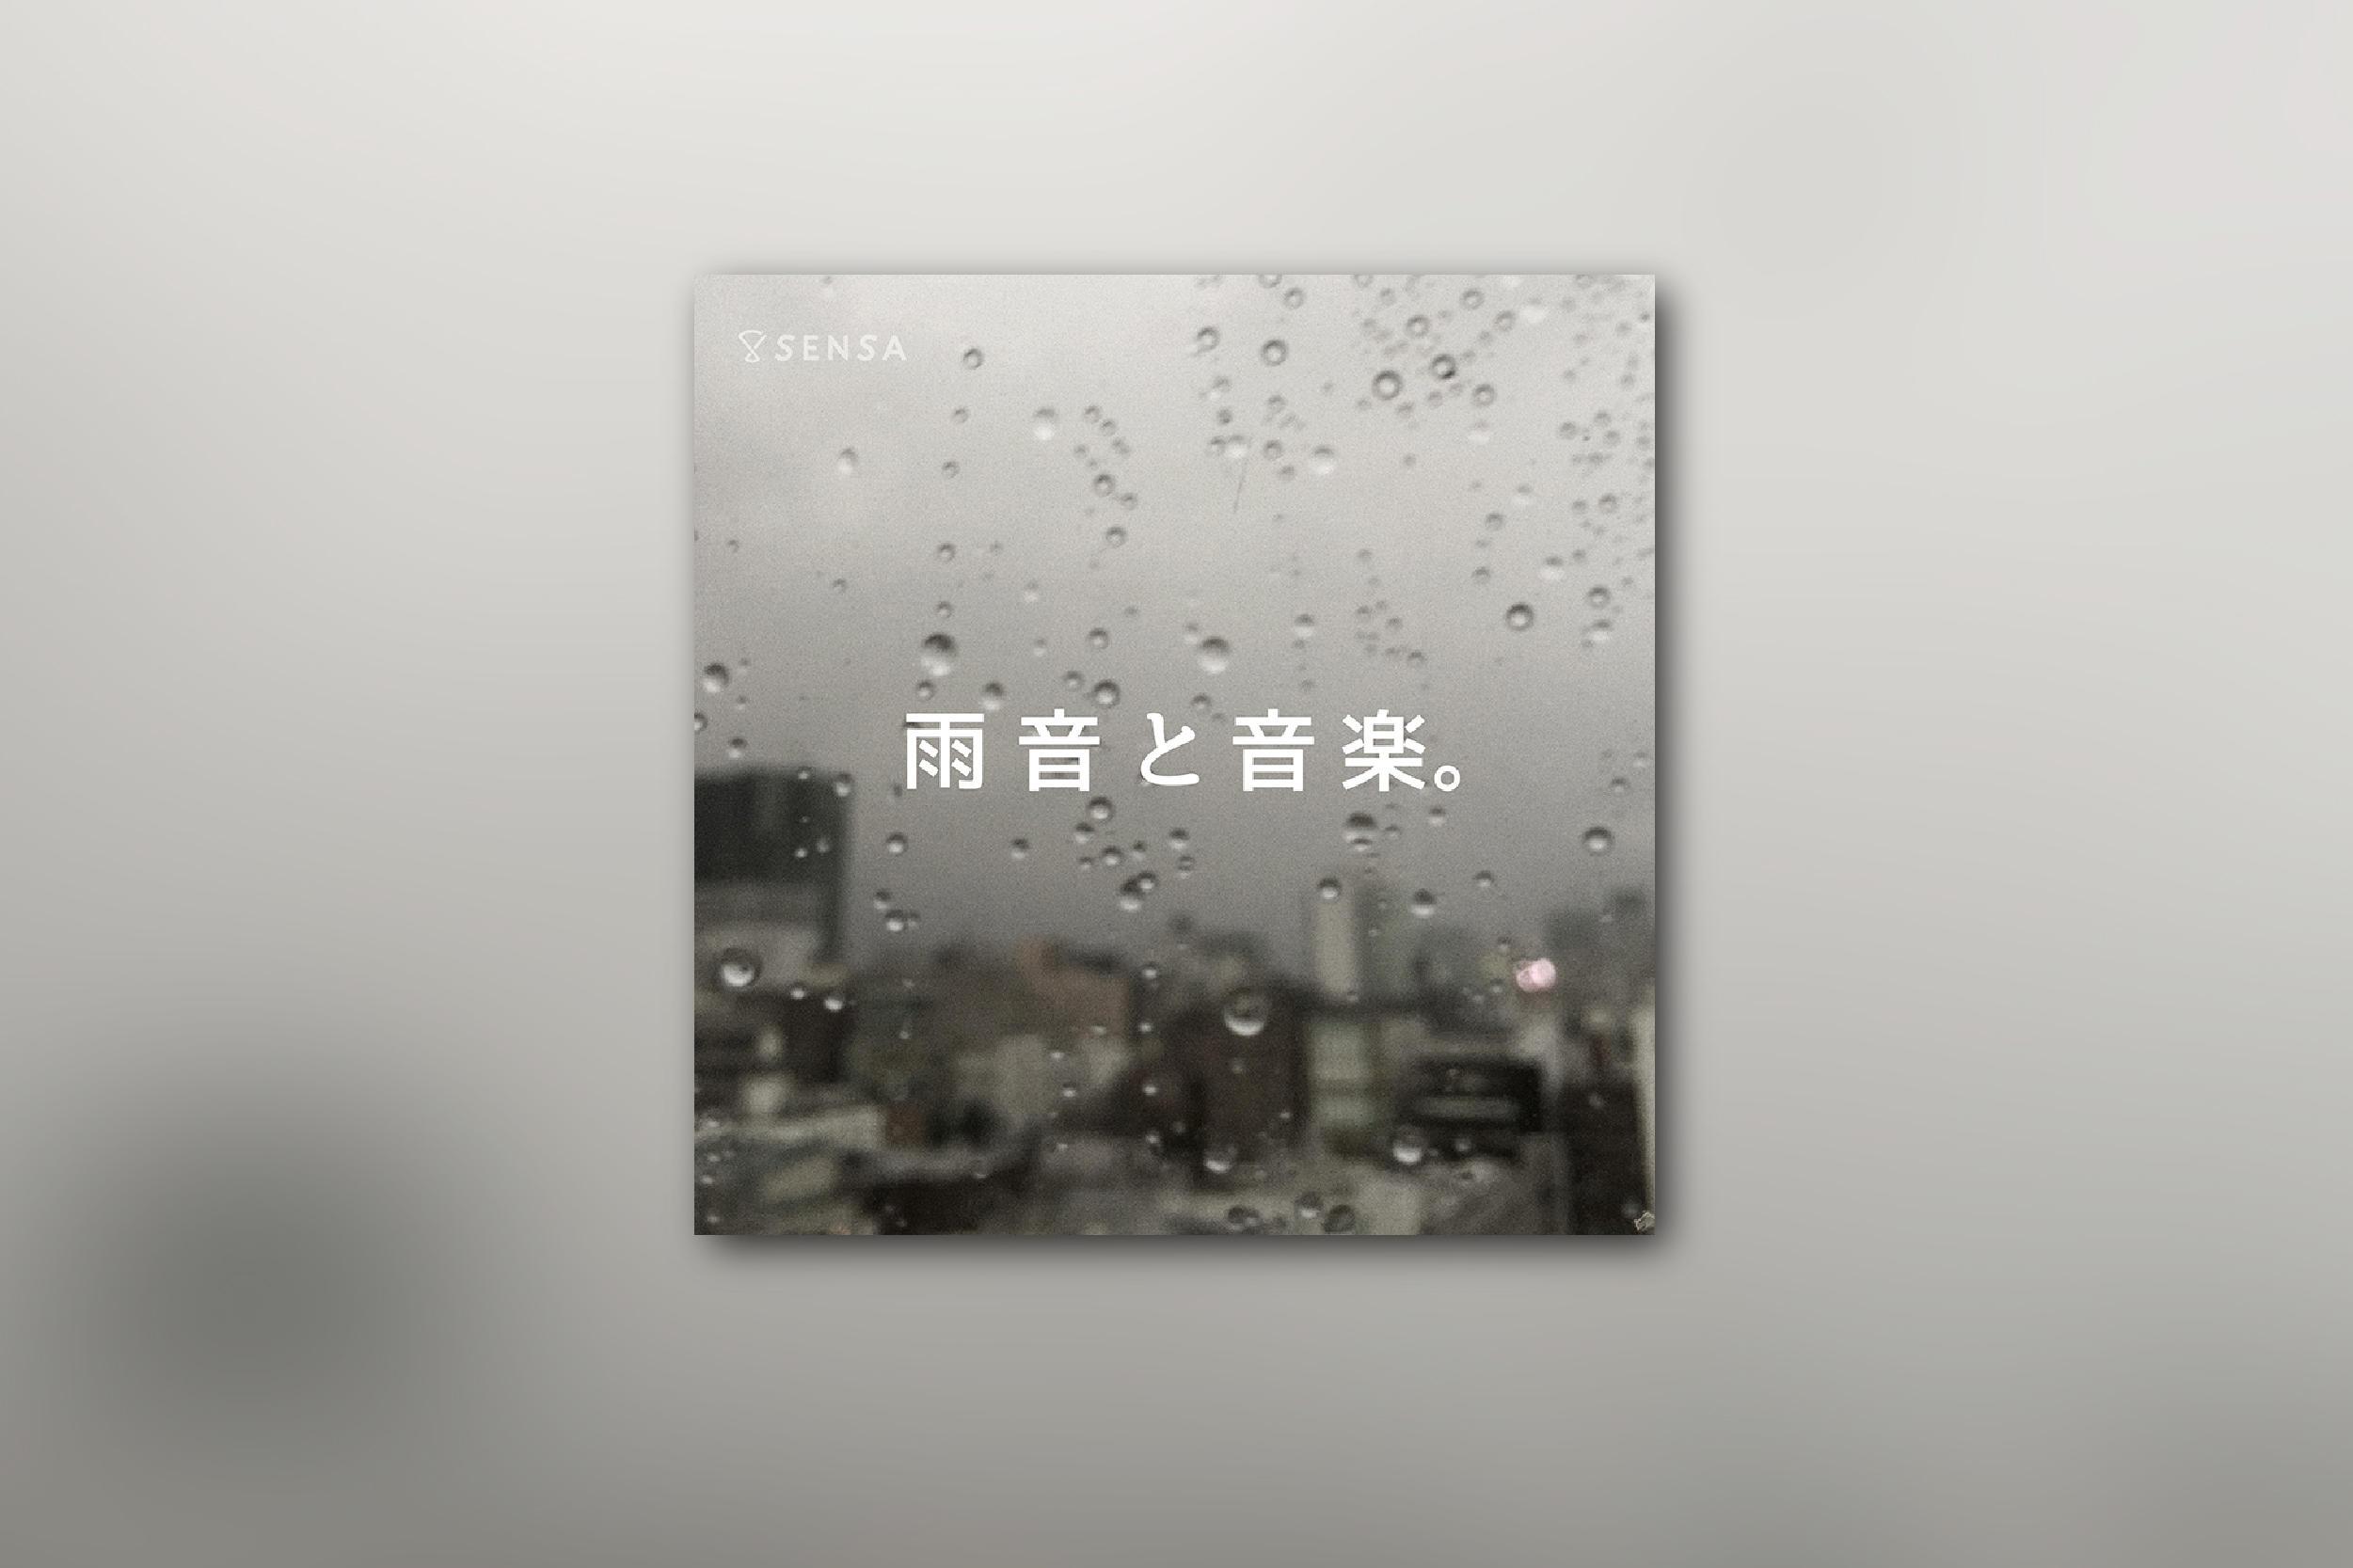 雨音と音楽。-2019.06-